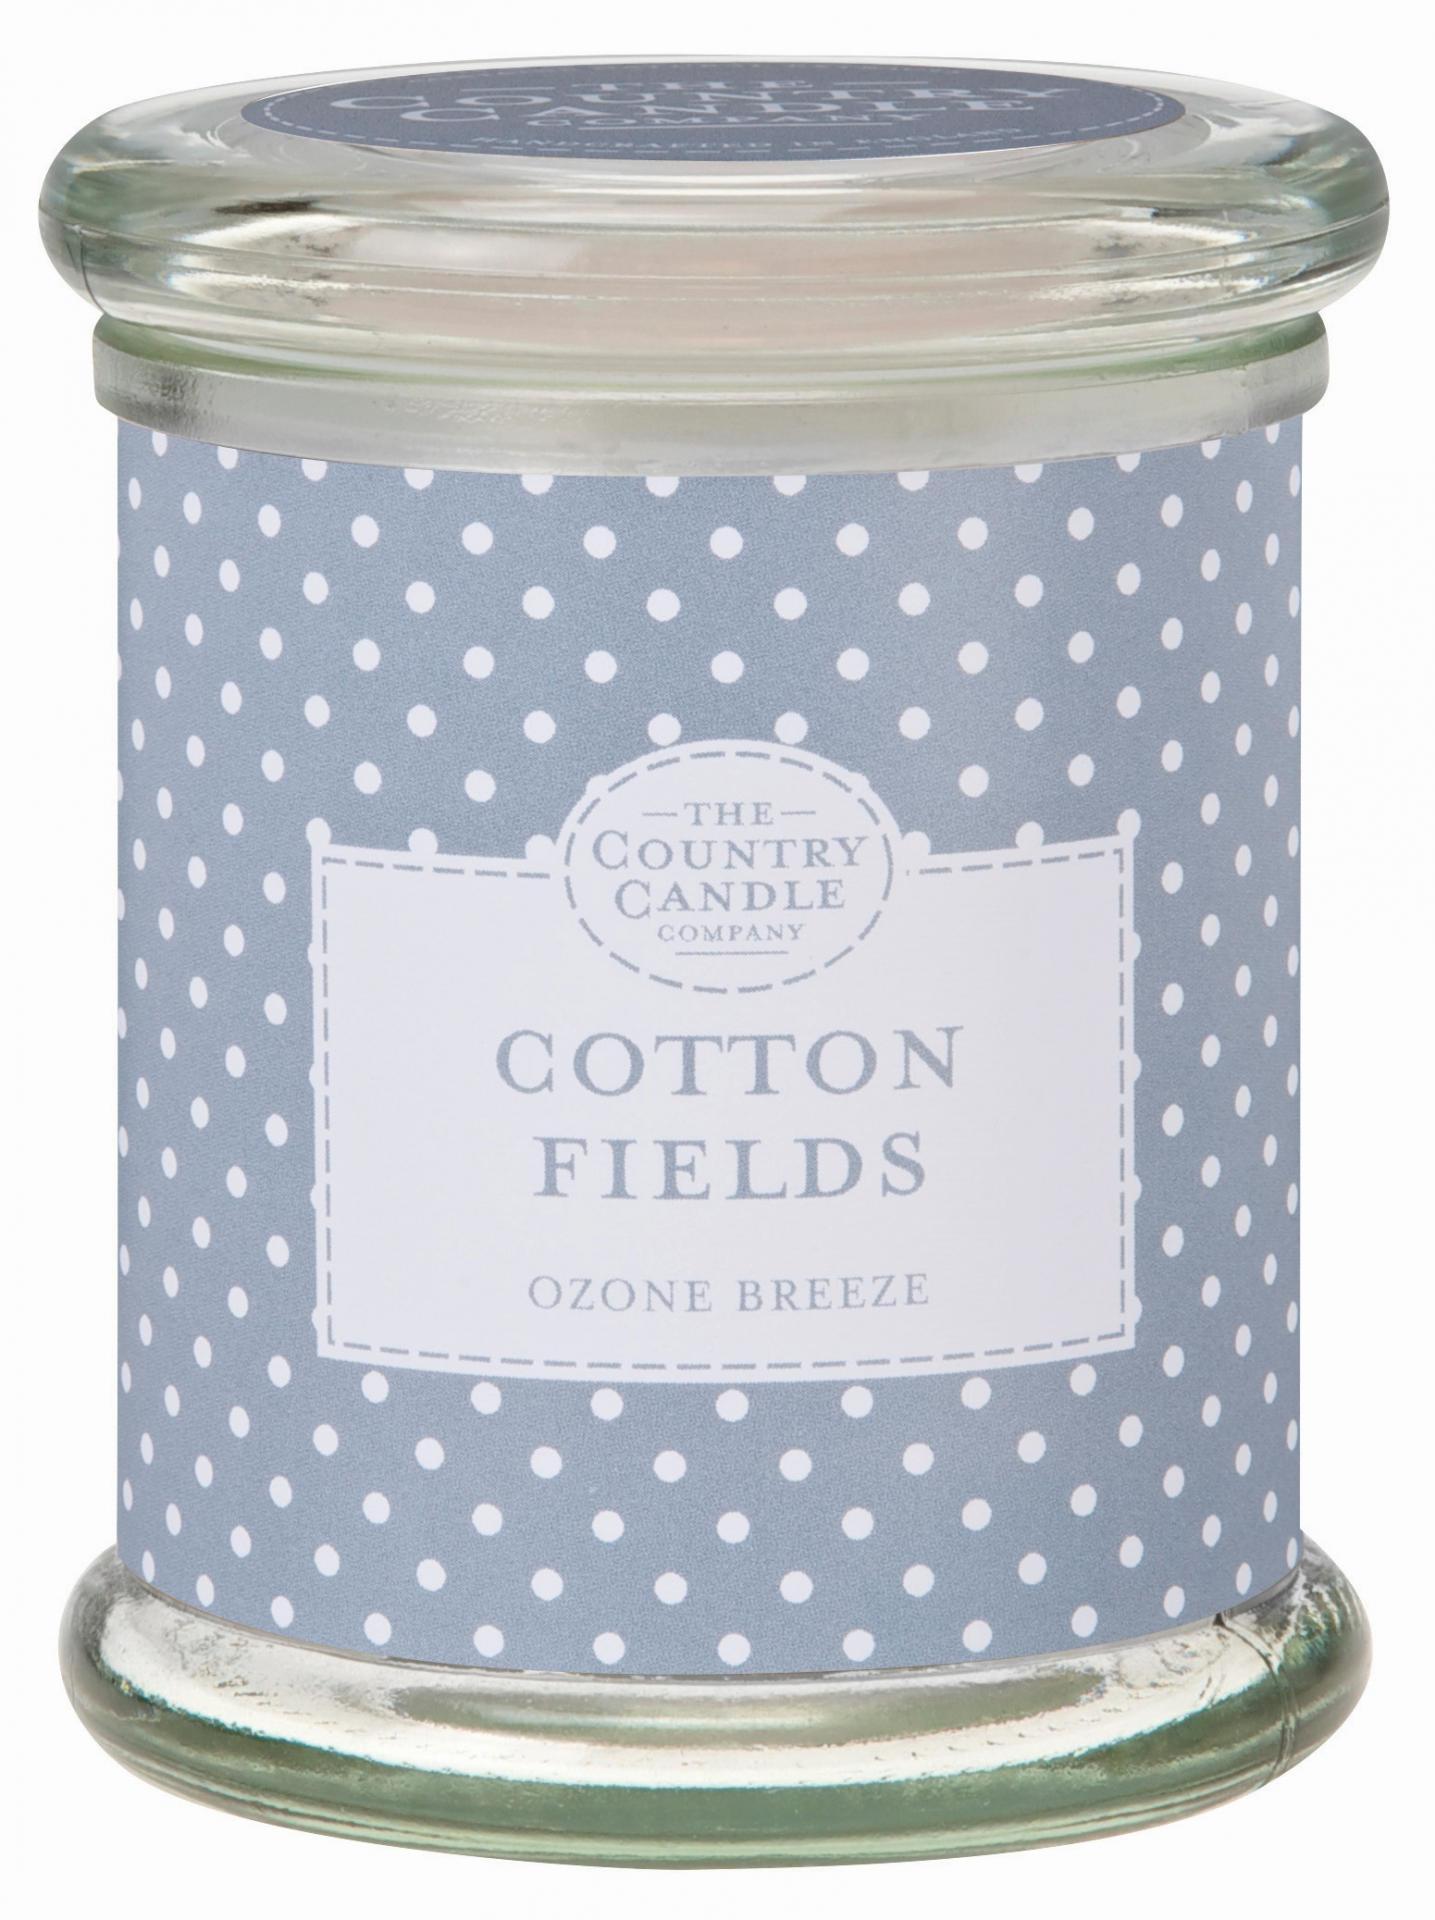 THE COUNTRY CANDLE COMPANY Svíčka ve skle - Bavlníkové pole, šedá barva, sklo